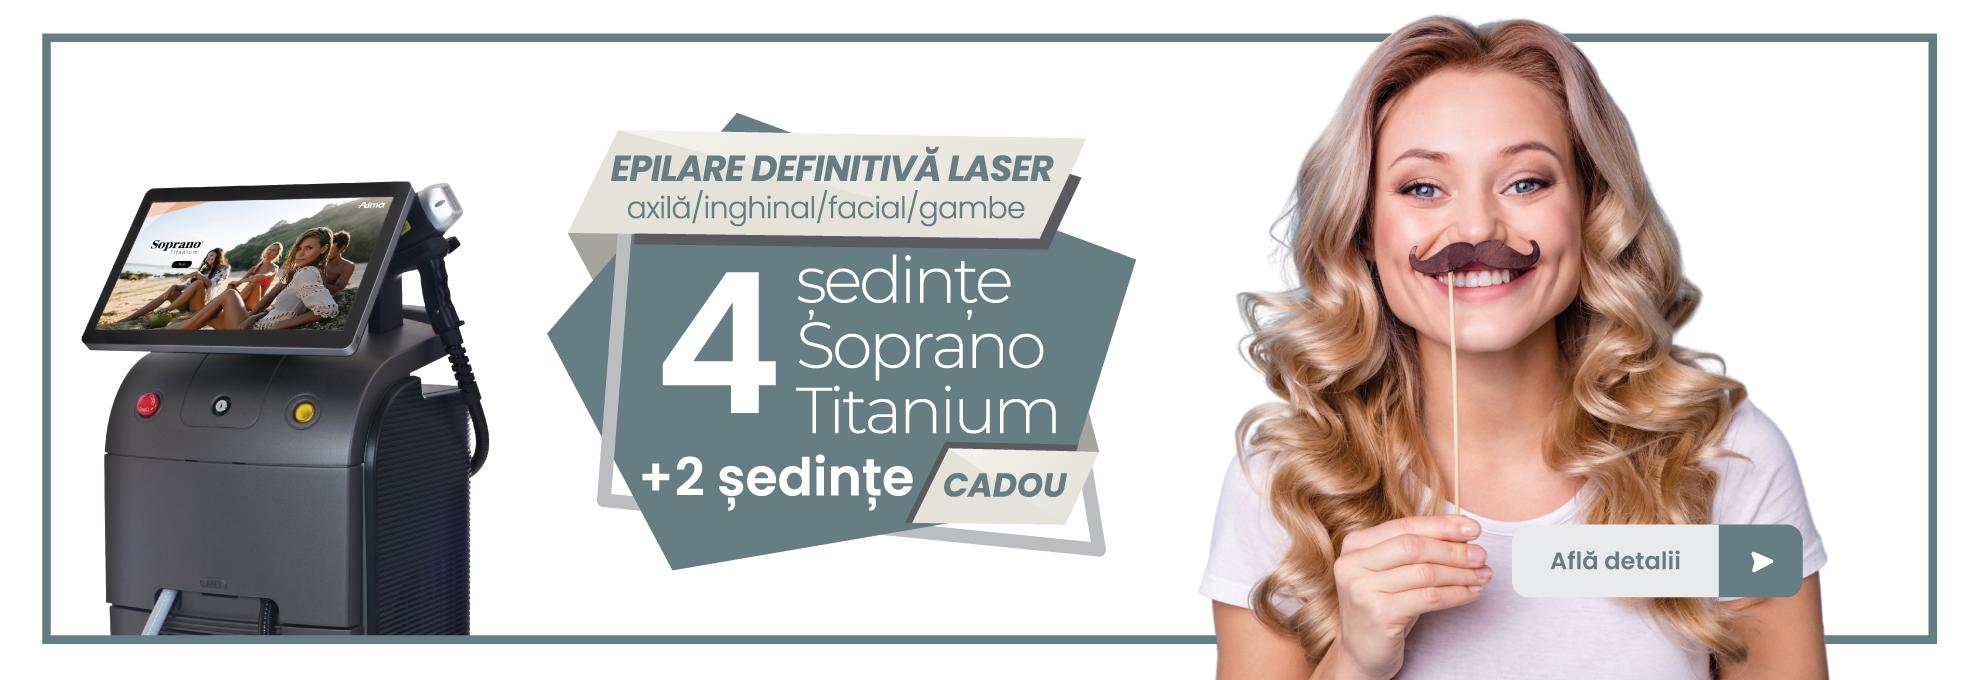 banner-site-990x340px-Soprano-Titanium2